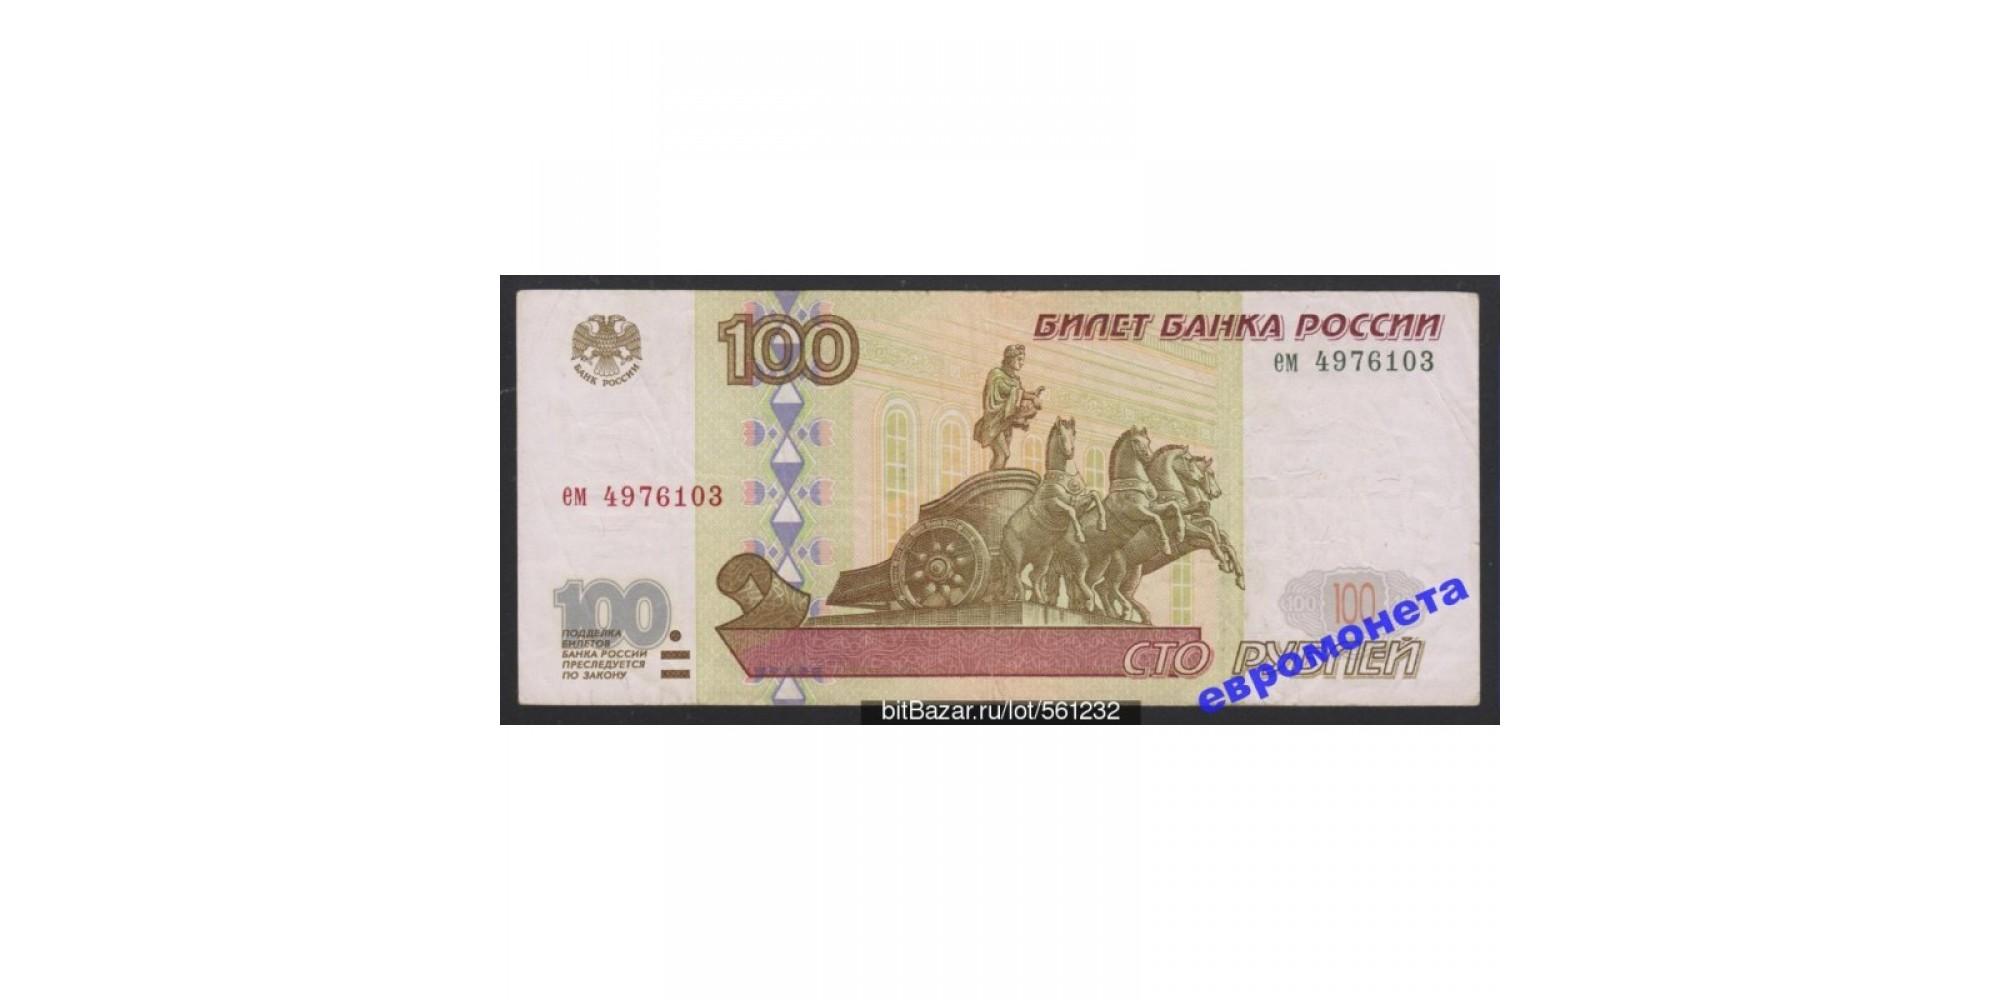 Россия 100 рублей 1997 год без модификации серия ем 4976103